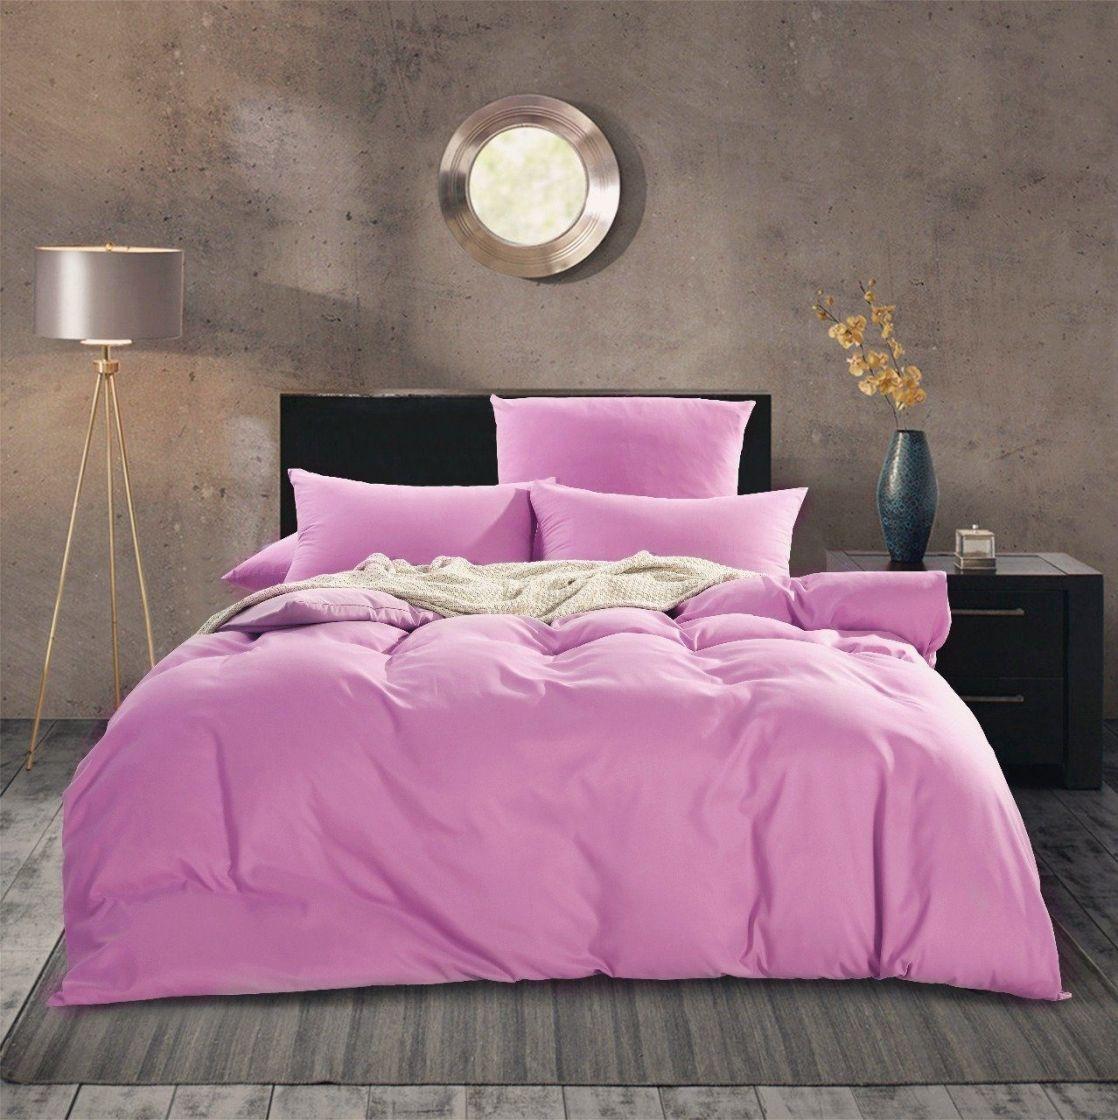 Комплект 2 спальный постельного белья однотонный Сатин CS019